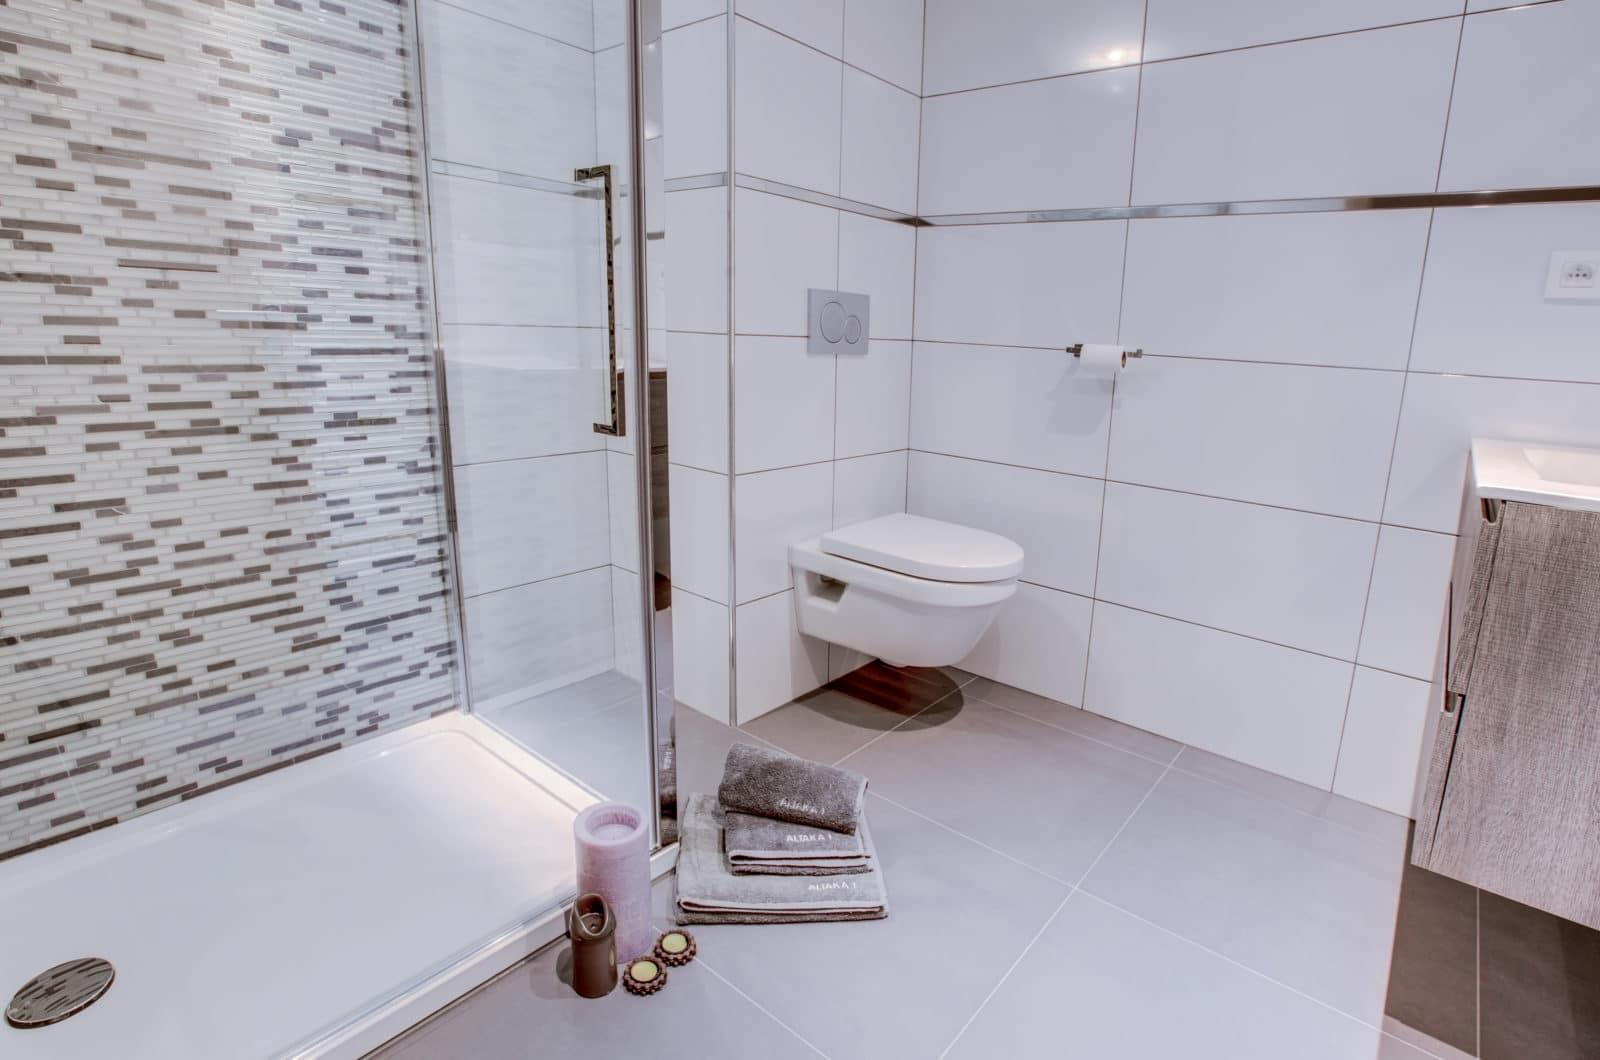 Altaka 1 Family Bathrom Luxury Self Catered Morzine